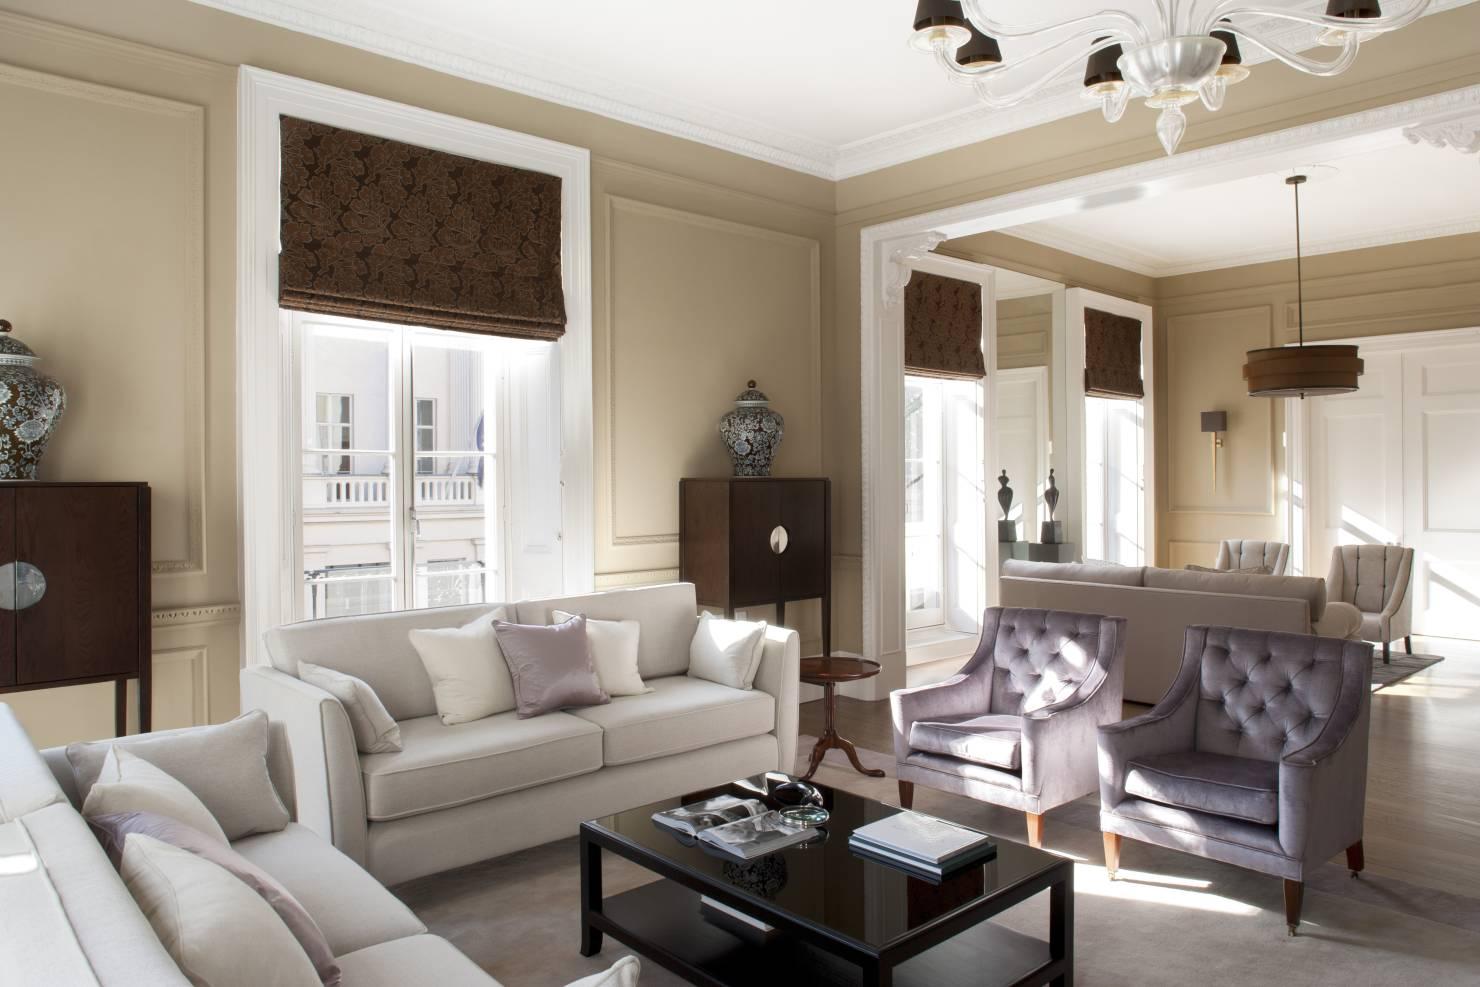 luxury-oturma-grubu-oturma-odasinda-bir-kanepe-secimi-uzerine-ipuclari-10 Oturma Odasında Bir Kanepe Seçimi Üzerine İpuçları